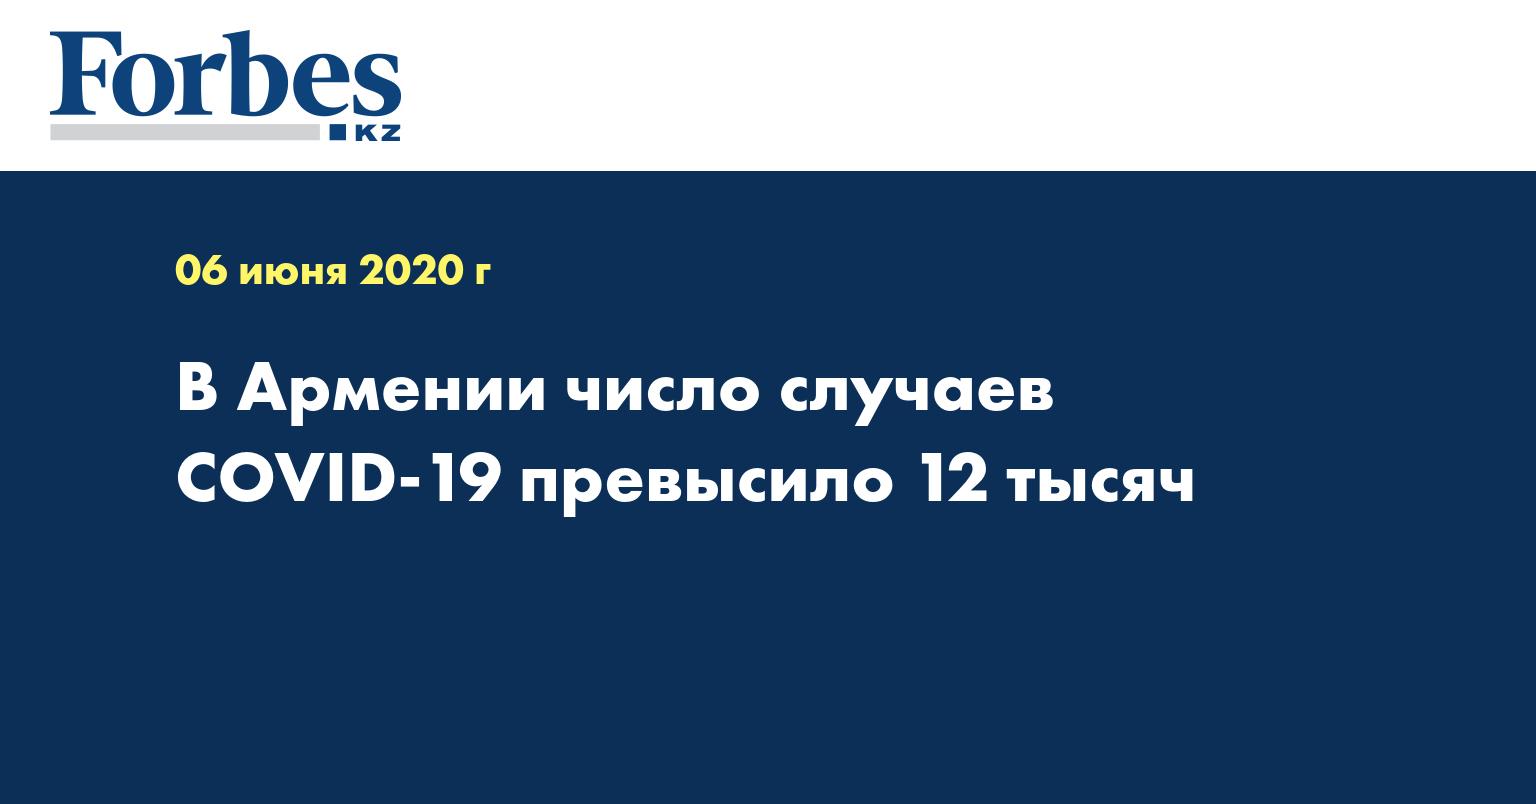 В Армении число случаев COVID-19 превысило 12 тысяч